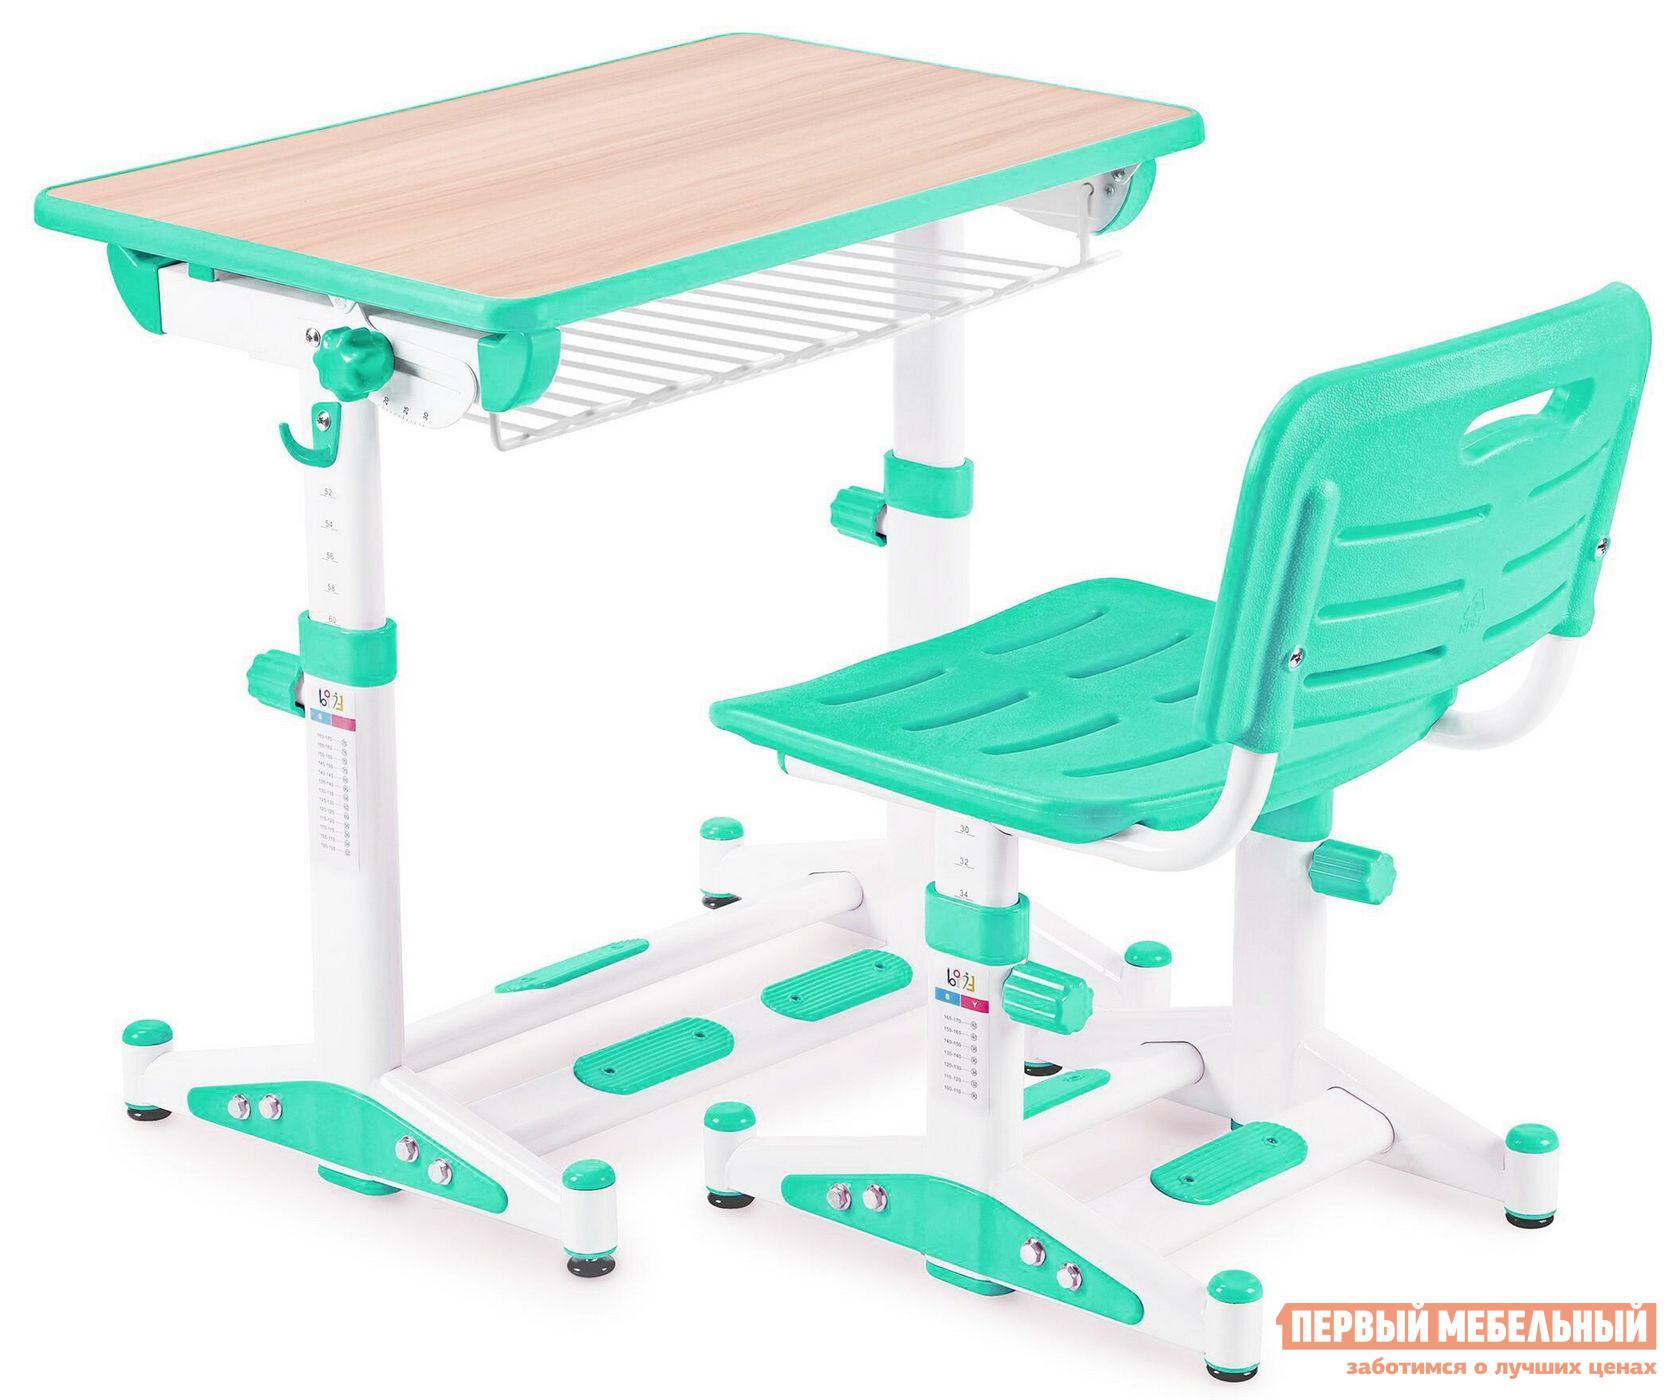 Парта Libao LK-09 Зеленый Libao Габаритные размеры ВхШхГ 520 / 760x700x510 мм. Современный и эргономичный комплект для школьных занятий позволит на долгое время обеспечить ребенка правильной мебелью.  Яркое оформление изделий понравится детям и даже самые сложные уроки будут в радость.  Ортопедические спинка и сиденье стула разработаны так, чтобы сохранить правильную и красивую осанку ребенка с ранних лет. <br><br>Размер стола: 520 / 760 х 700 х 510 мм. <br>Размер стула: 300 / 440 х 380 х 340 мм. <br><br>Стульчик и парта регулируются по высоте.  Под столешницей расположена полочка для книг и тетрадей.  Угол наклона столешницы регулируется в диапазоне от 10 до 45 градусов, помогая настроить ее для различных целей: чтения, письма или рисования.   Стул оснащен решетчатыми сиденьем и спинкой для оптимальной вентиляции. <br>Столешница выполнена из МДФ.  Стул и парт изготовлены из стальной трубы и экологически чистого полипропилена. <br>